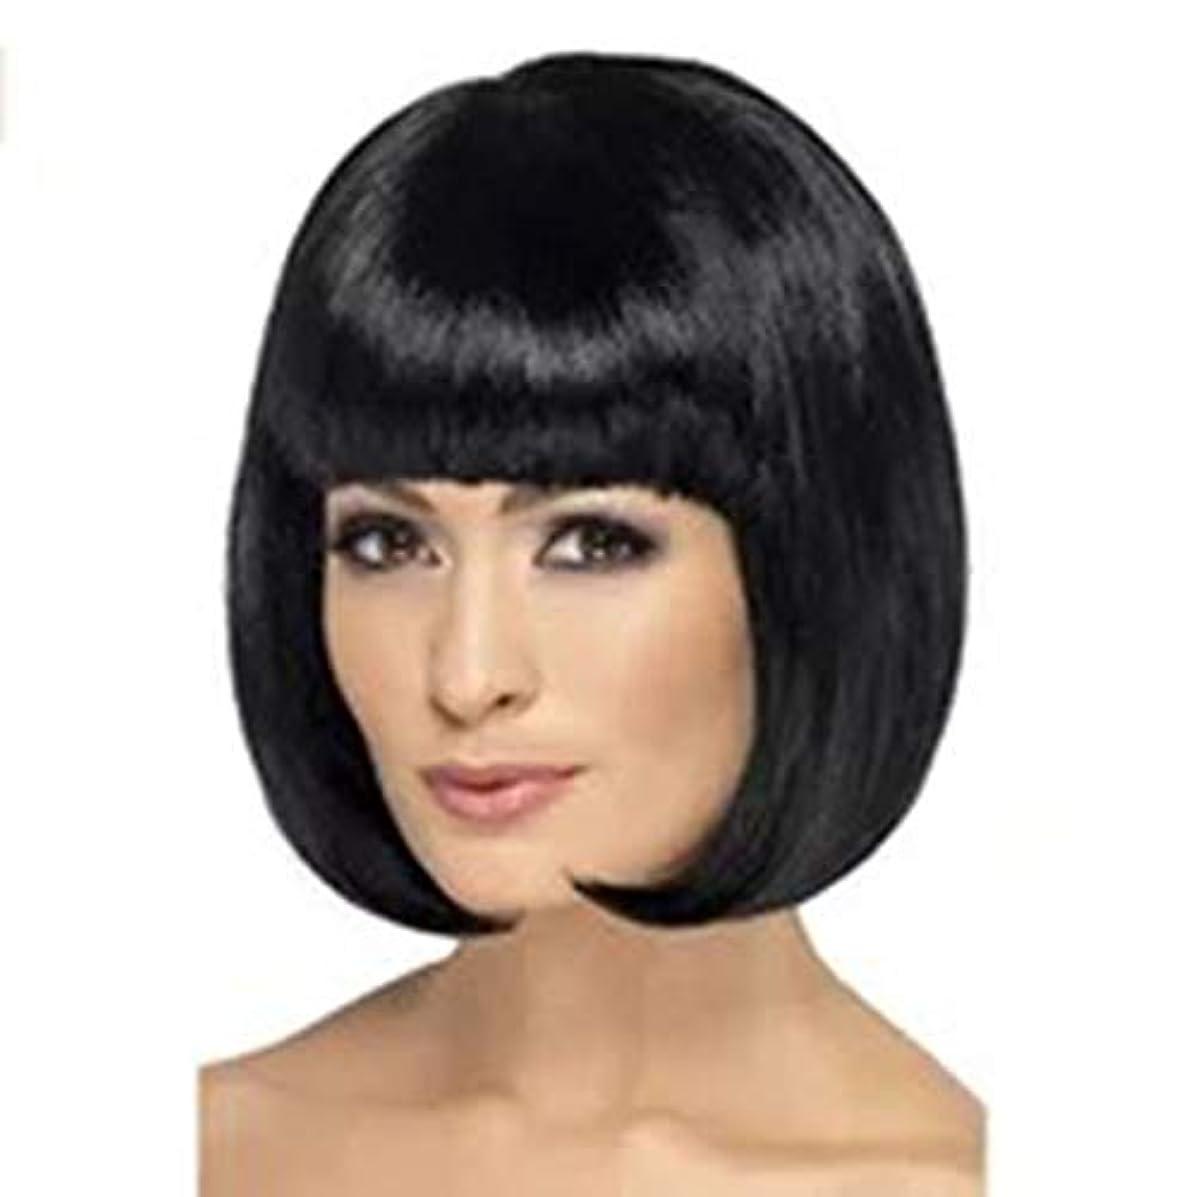 バリケード報復取るSummerys ボブかつら女性のための平らな前髪ふわふわ自然耐熱交換かつら完全な合成かつら